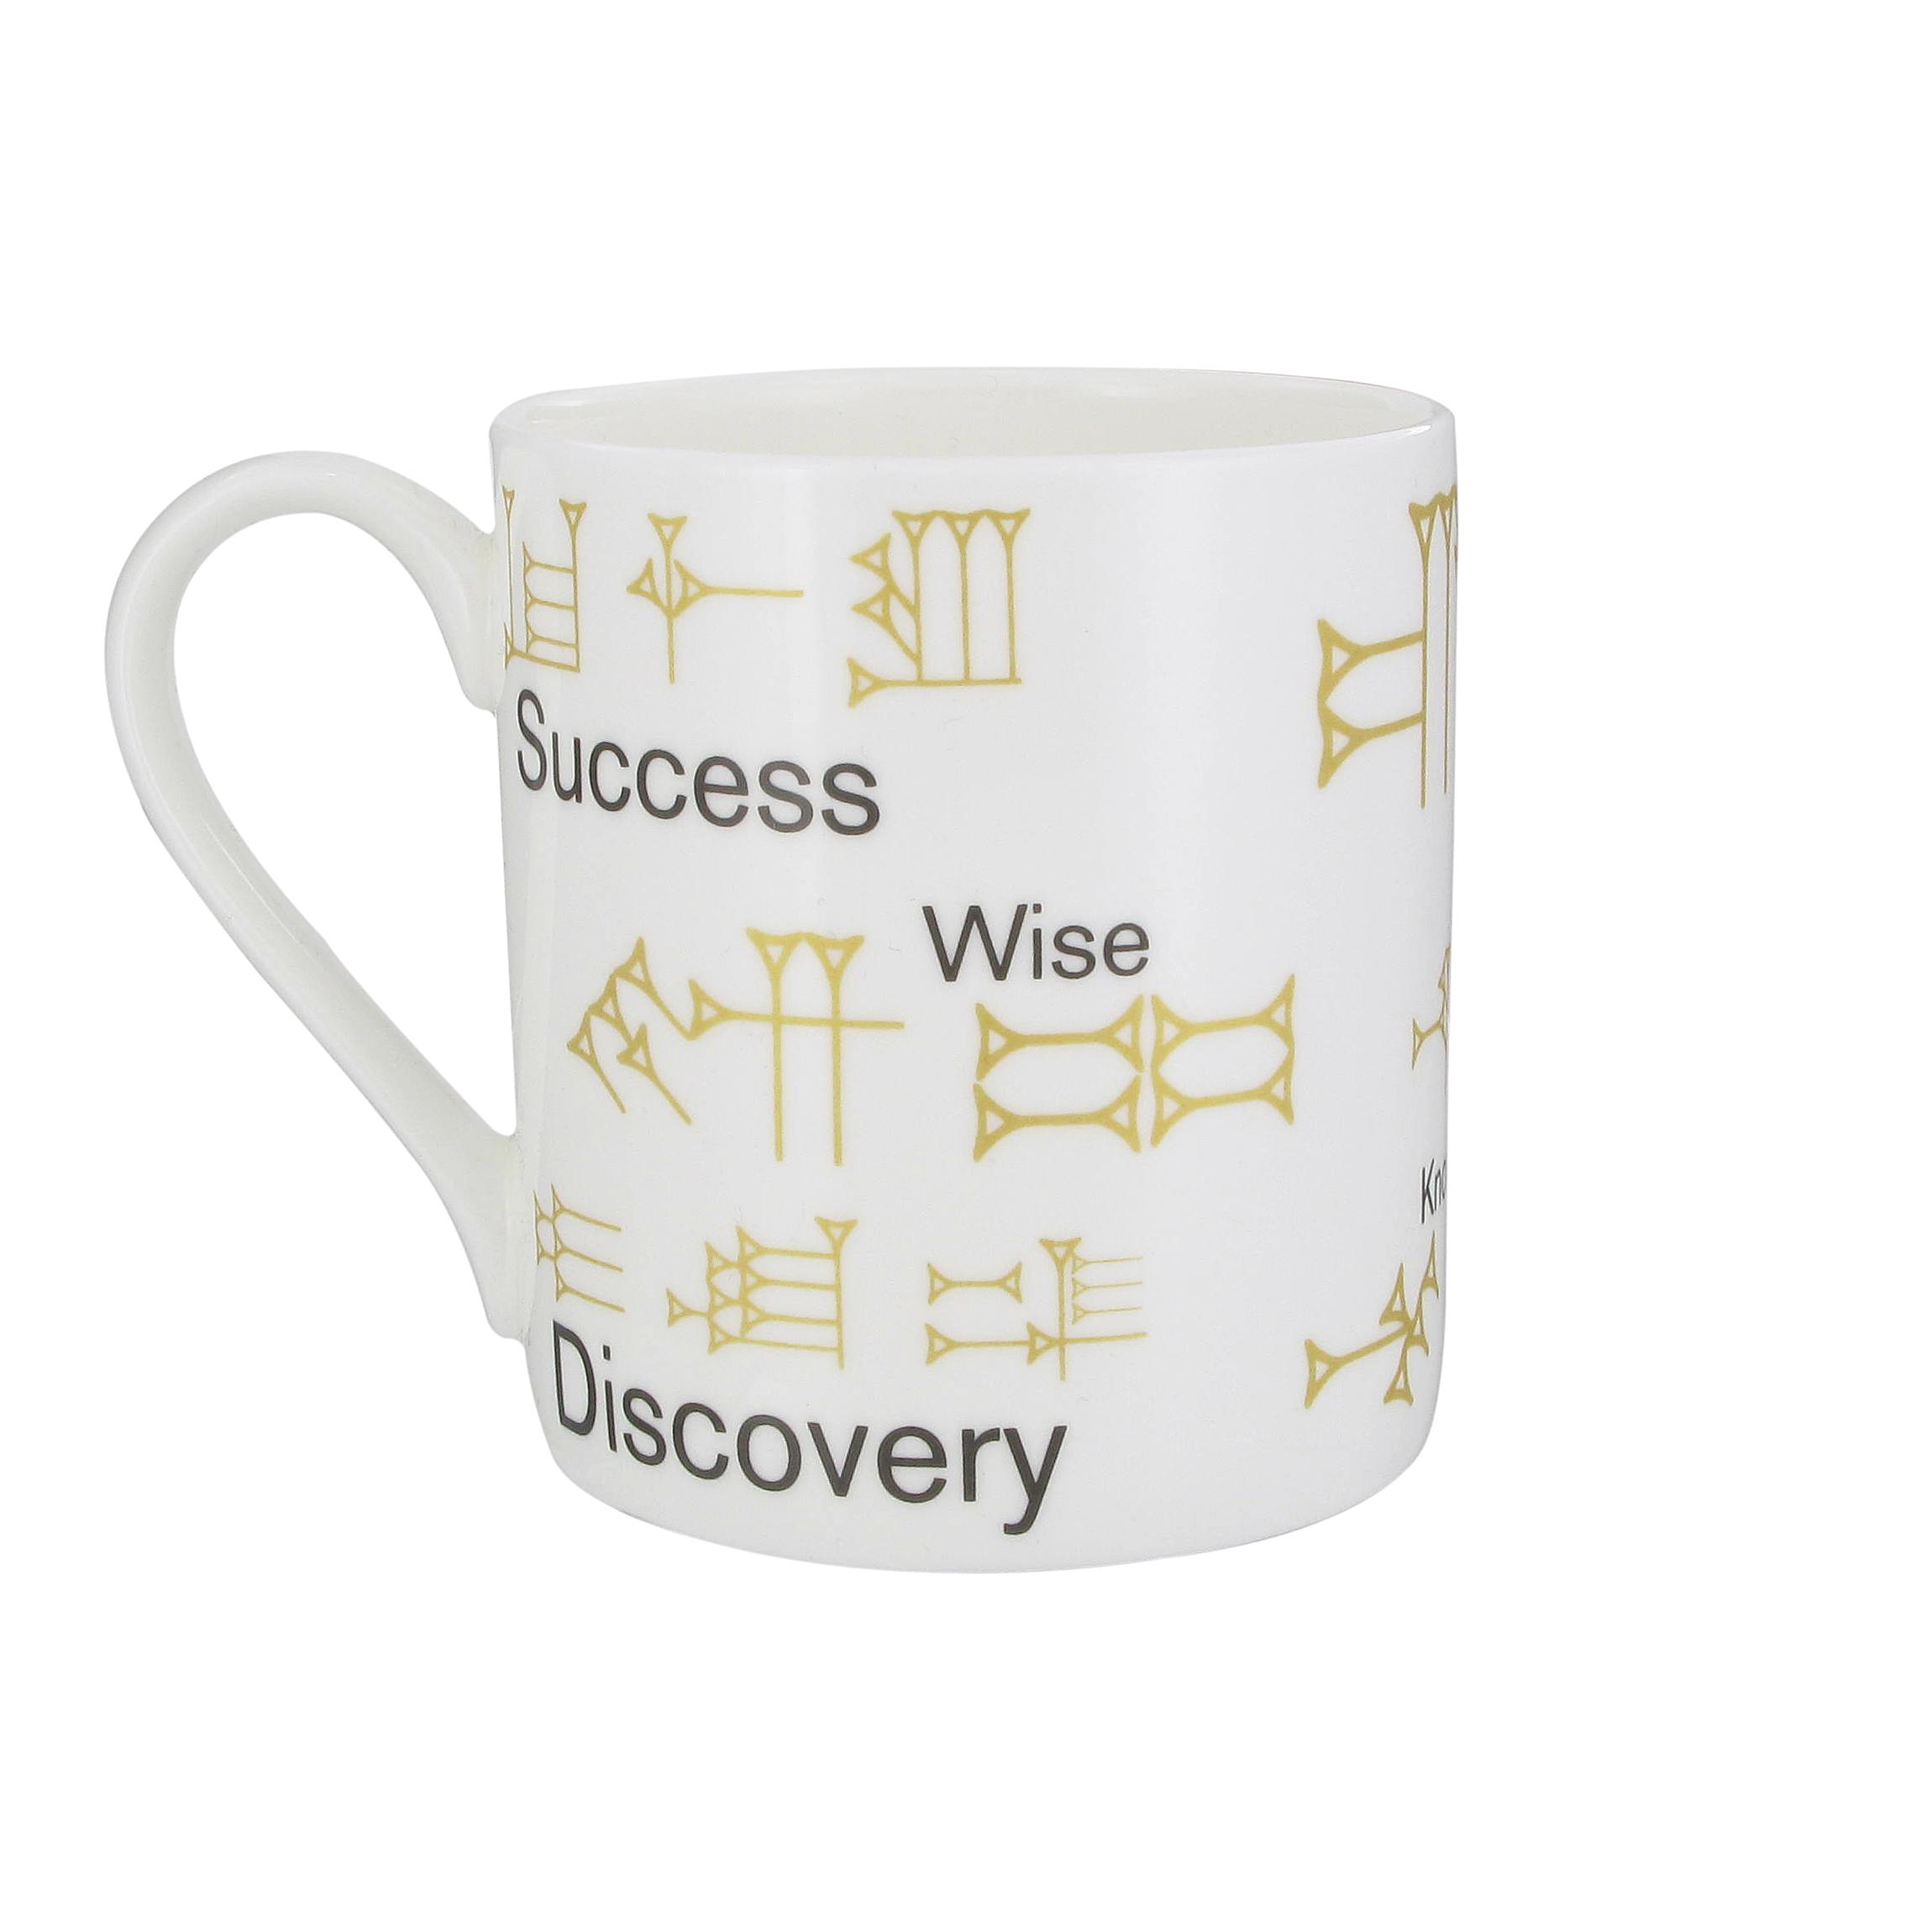 Cuneiform mug